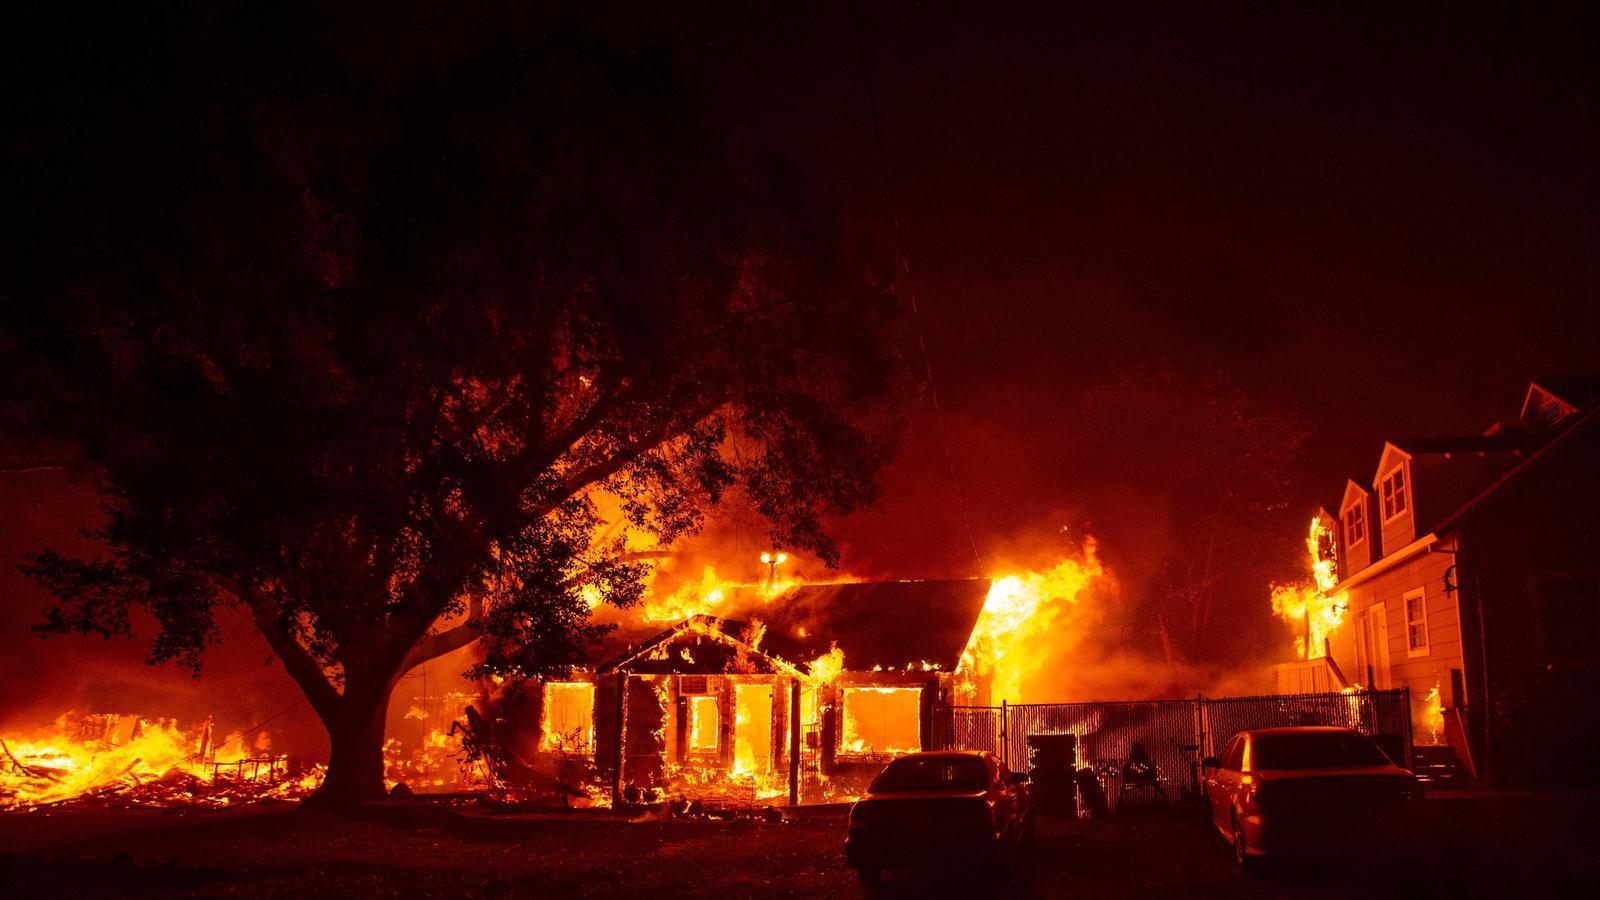 Una casa afectada per l'incendi de Califòrnia